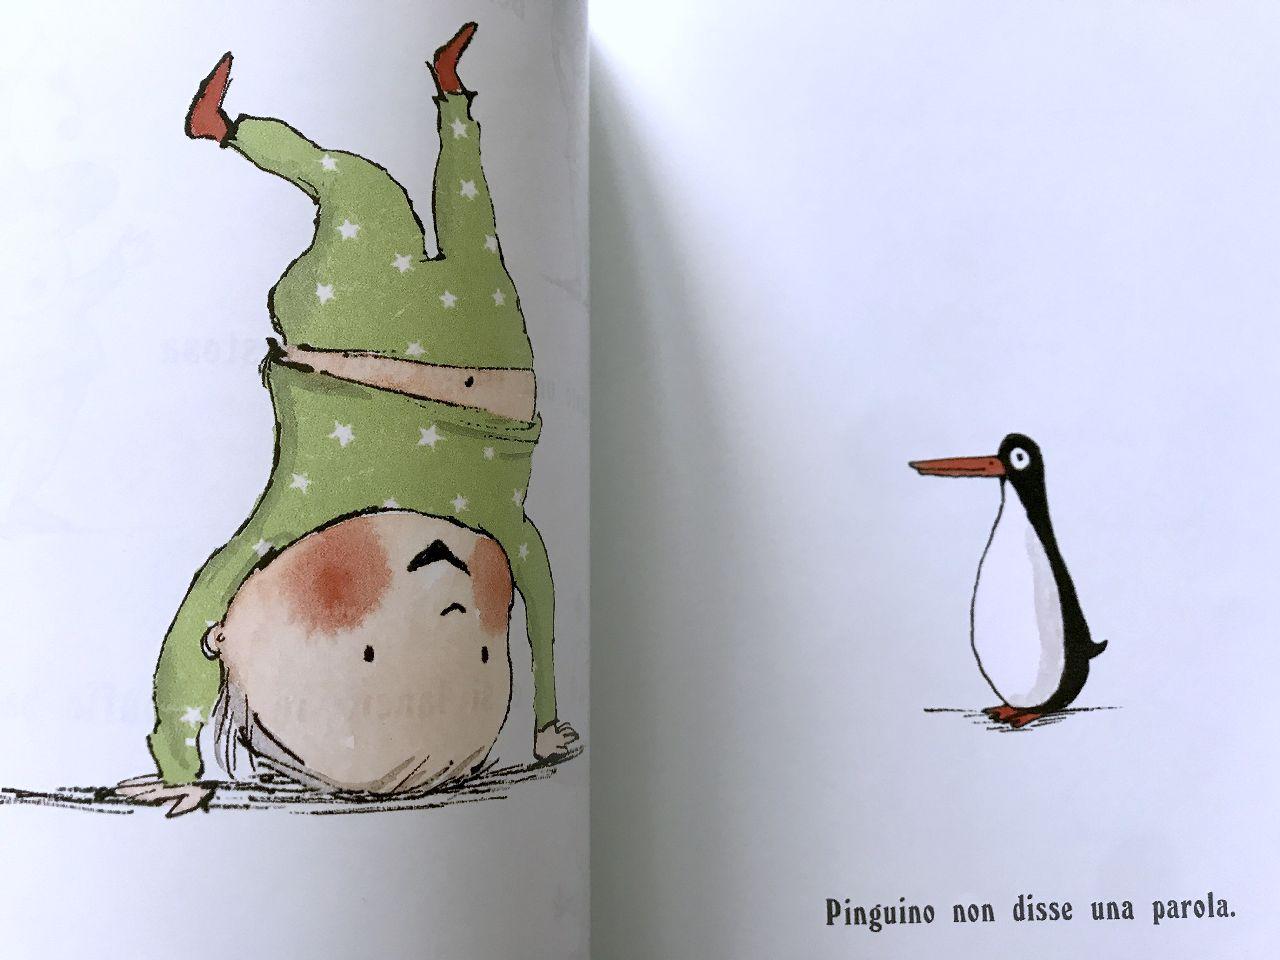 Polly Dunbar, Pinguino, Camelozampa